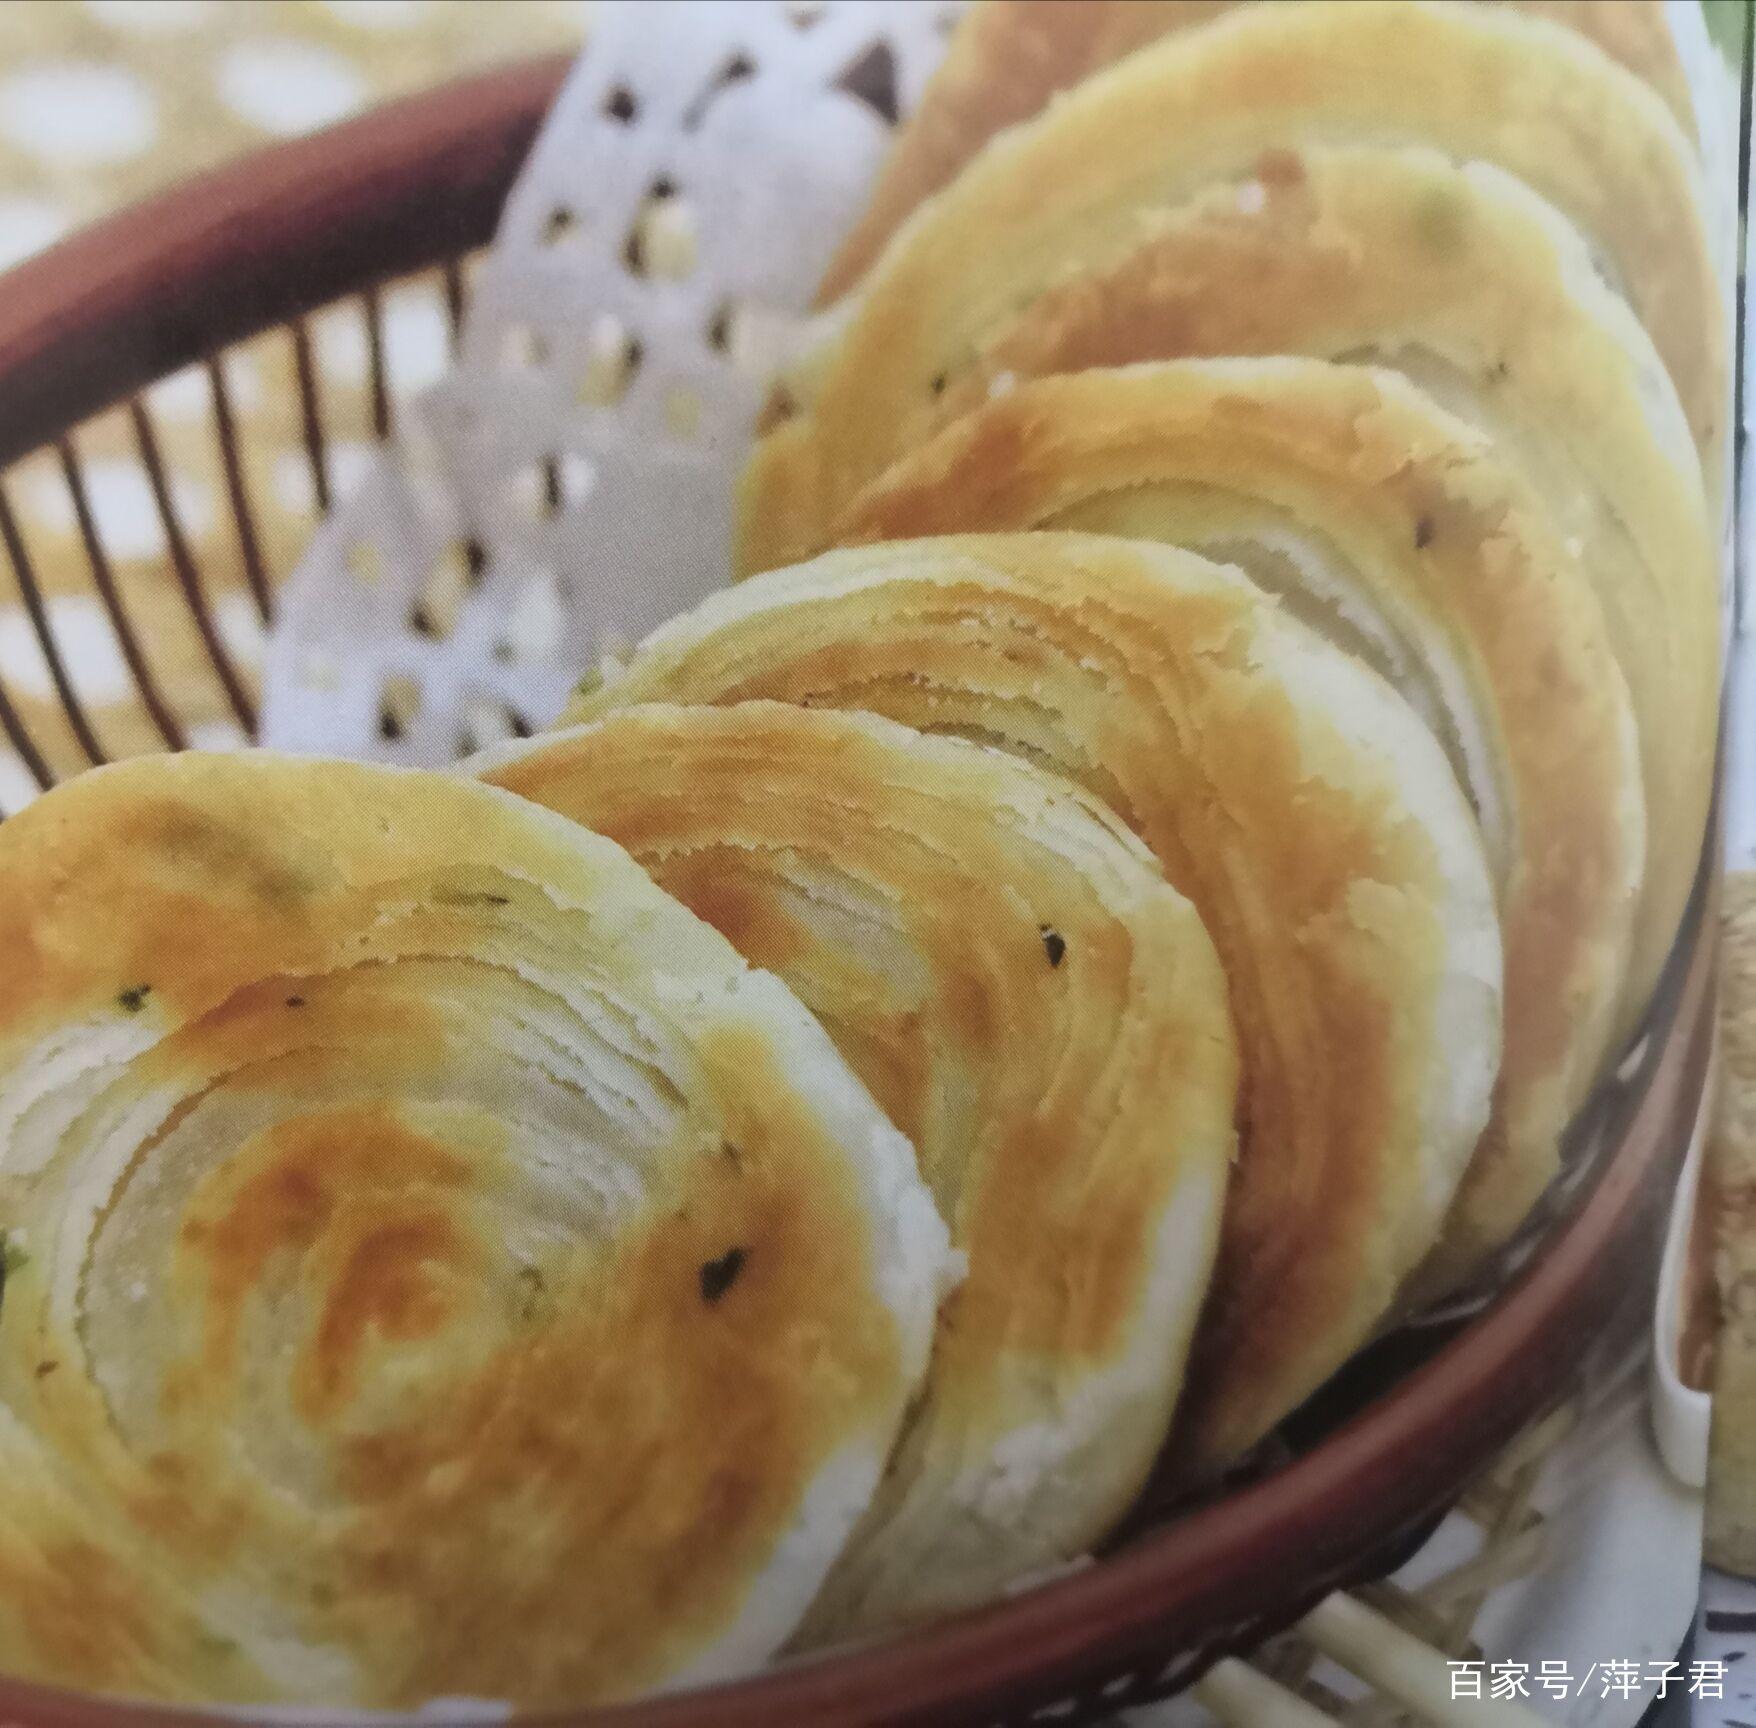 葱油饼好吃的窍门,既简单又实用,爱吃的一定要试试